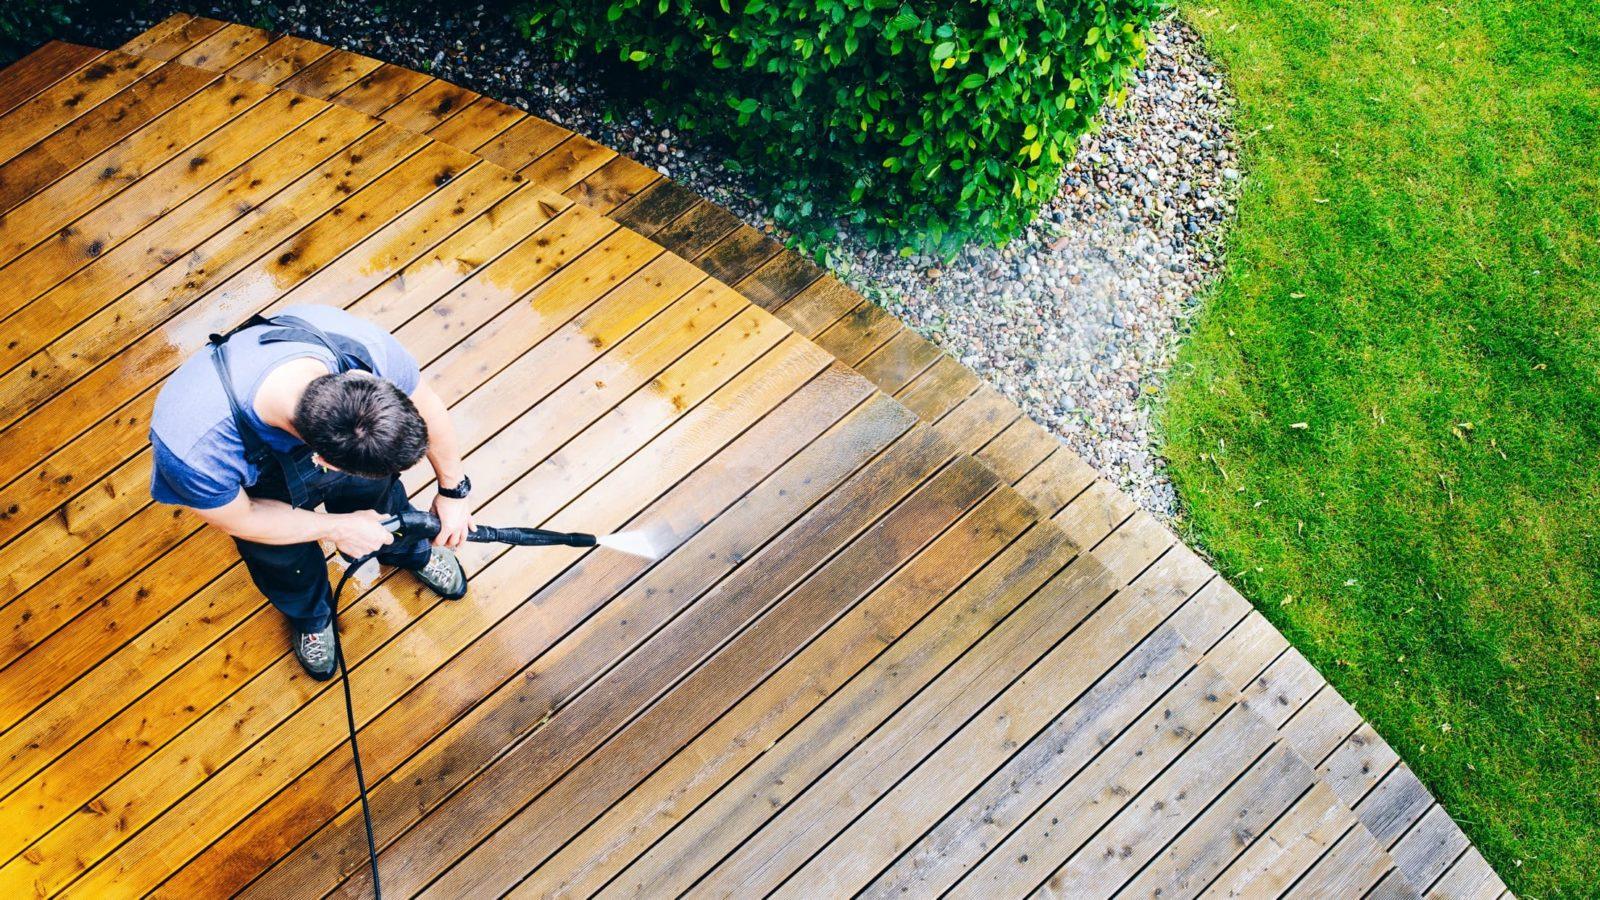 Man cleaning garden decking